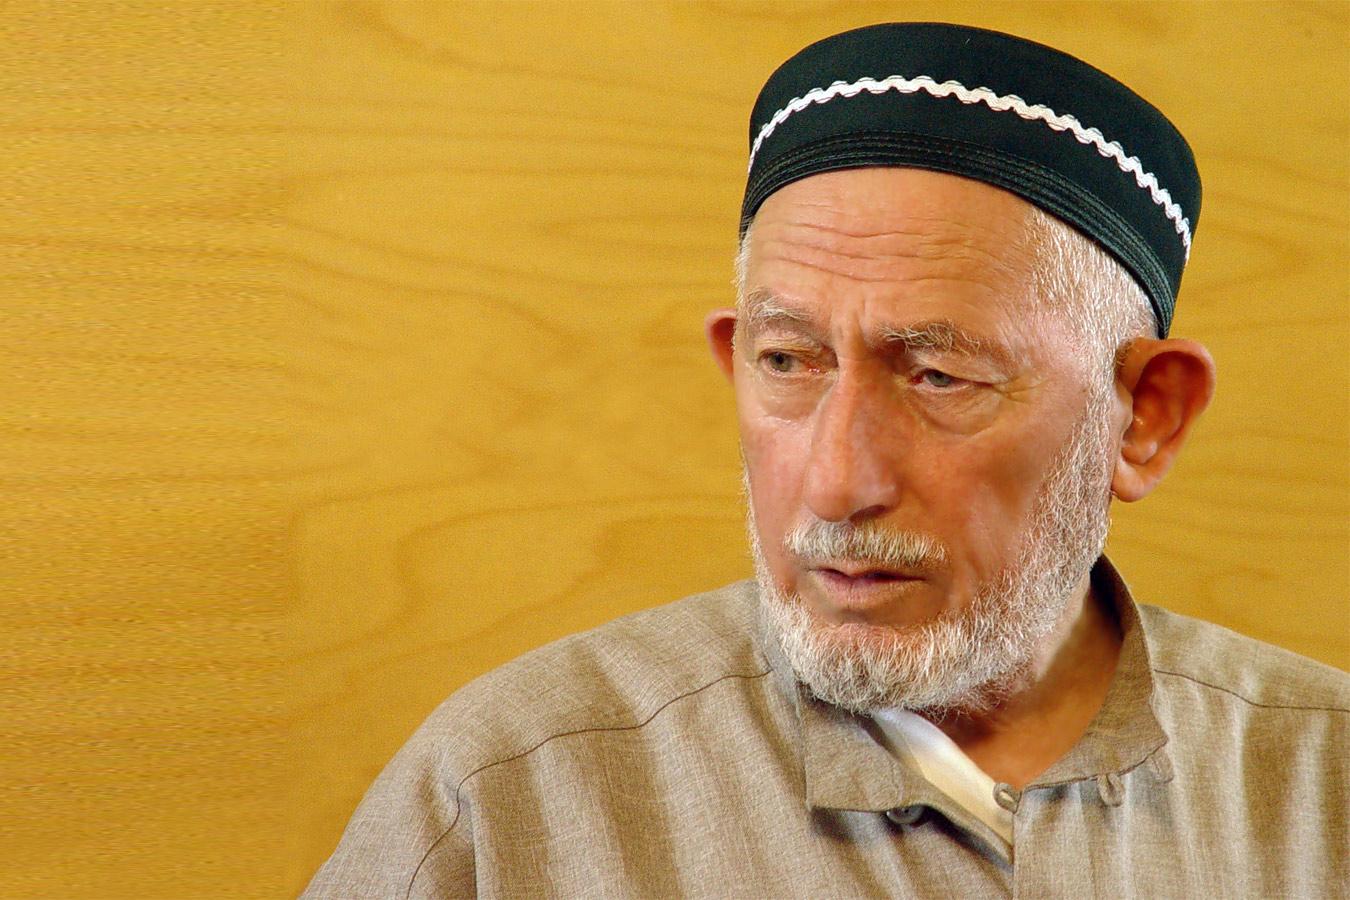 Исламисты-убийцы шейха в Дагестане получили пожизненные сроки